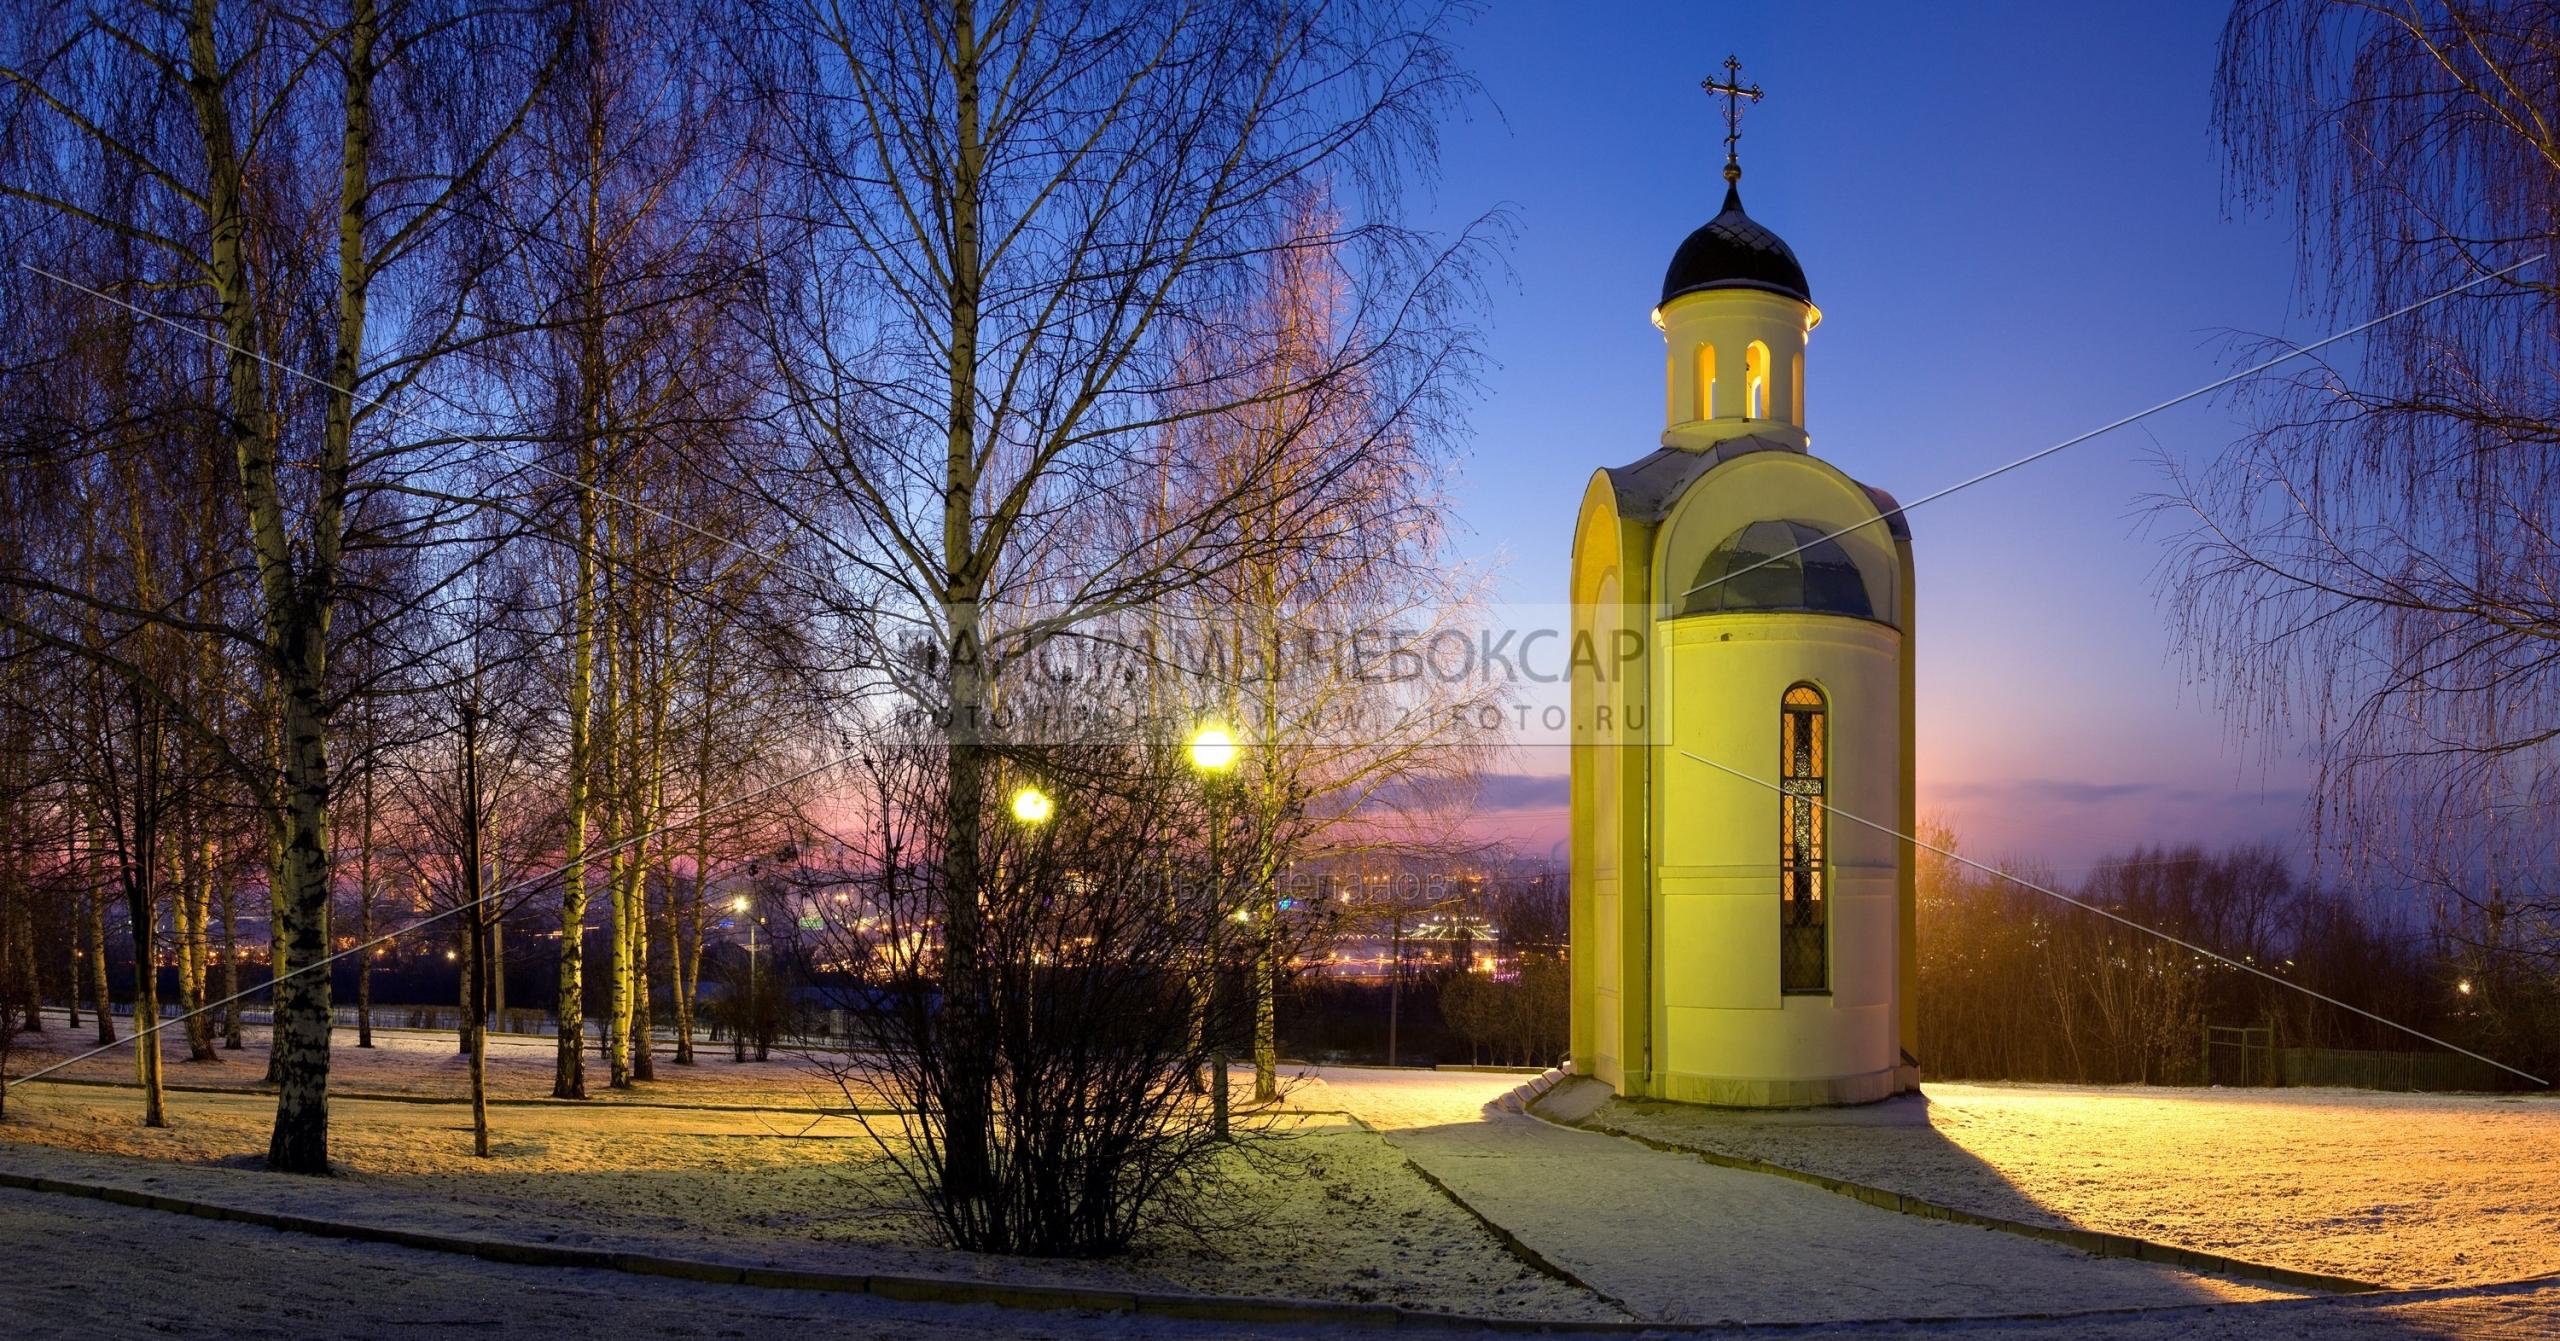 Храм-часовня Иоанна Воина Вид №2 Илья Степанов — Чебоксары